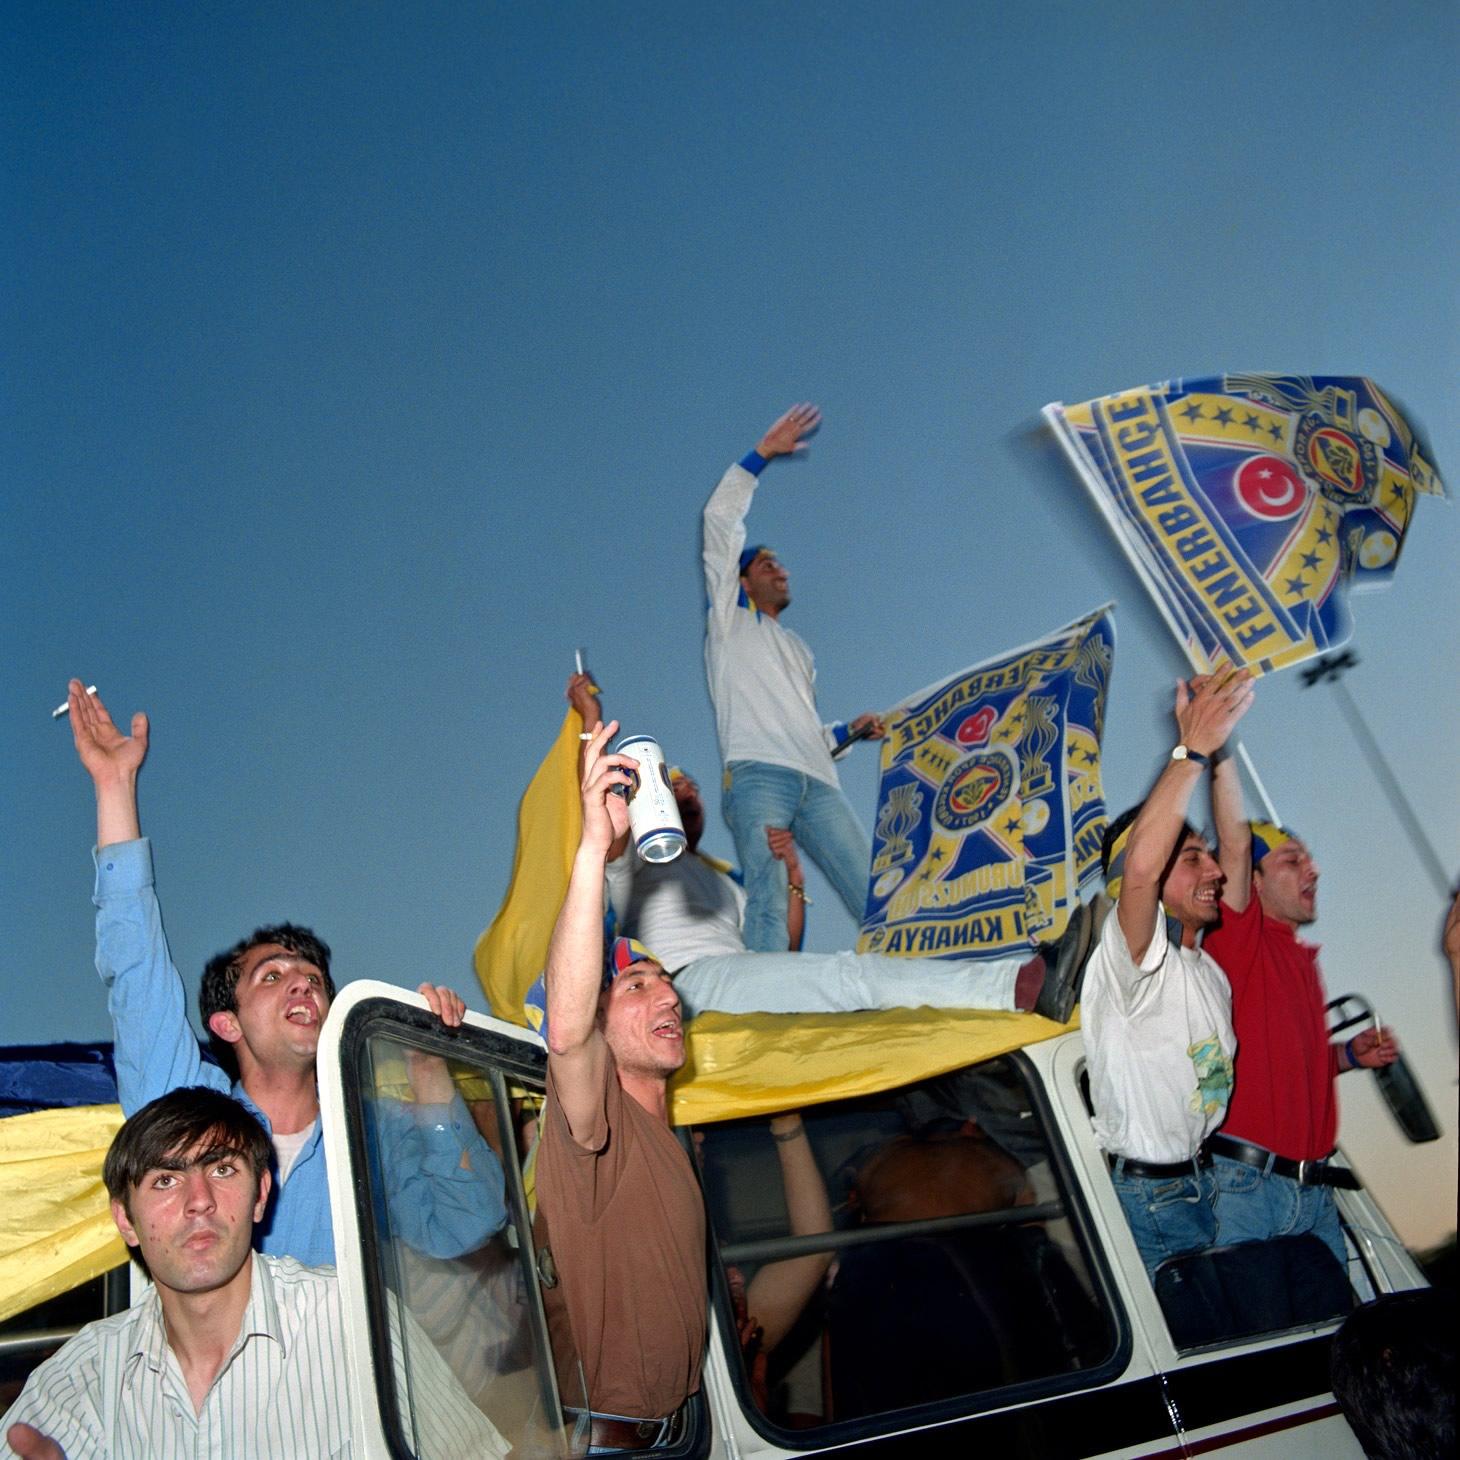 Fenerbahçe S.K. Turkish Süper Lig Champions 1996 F15